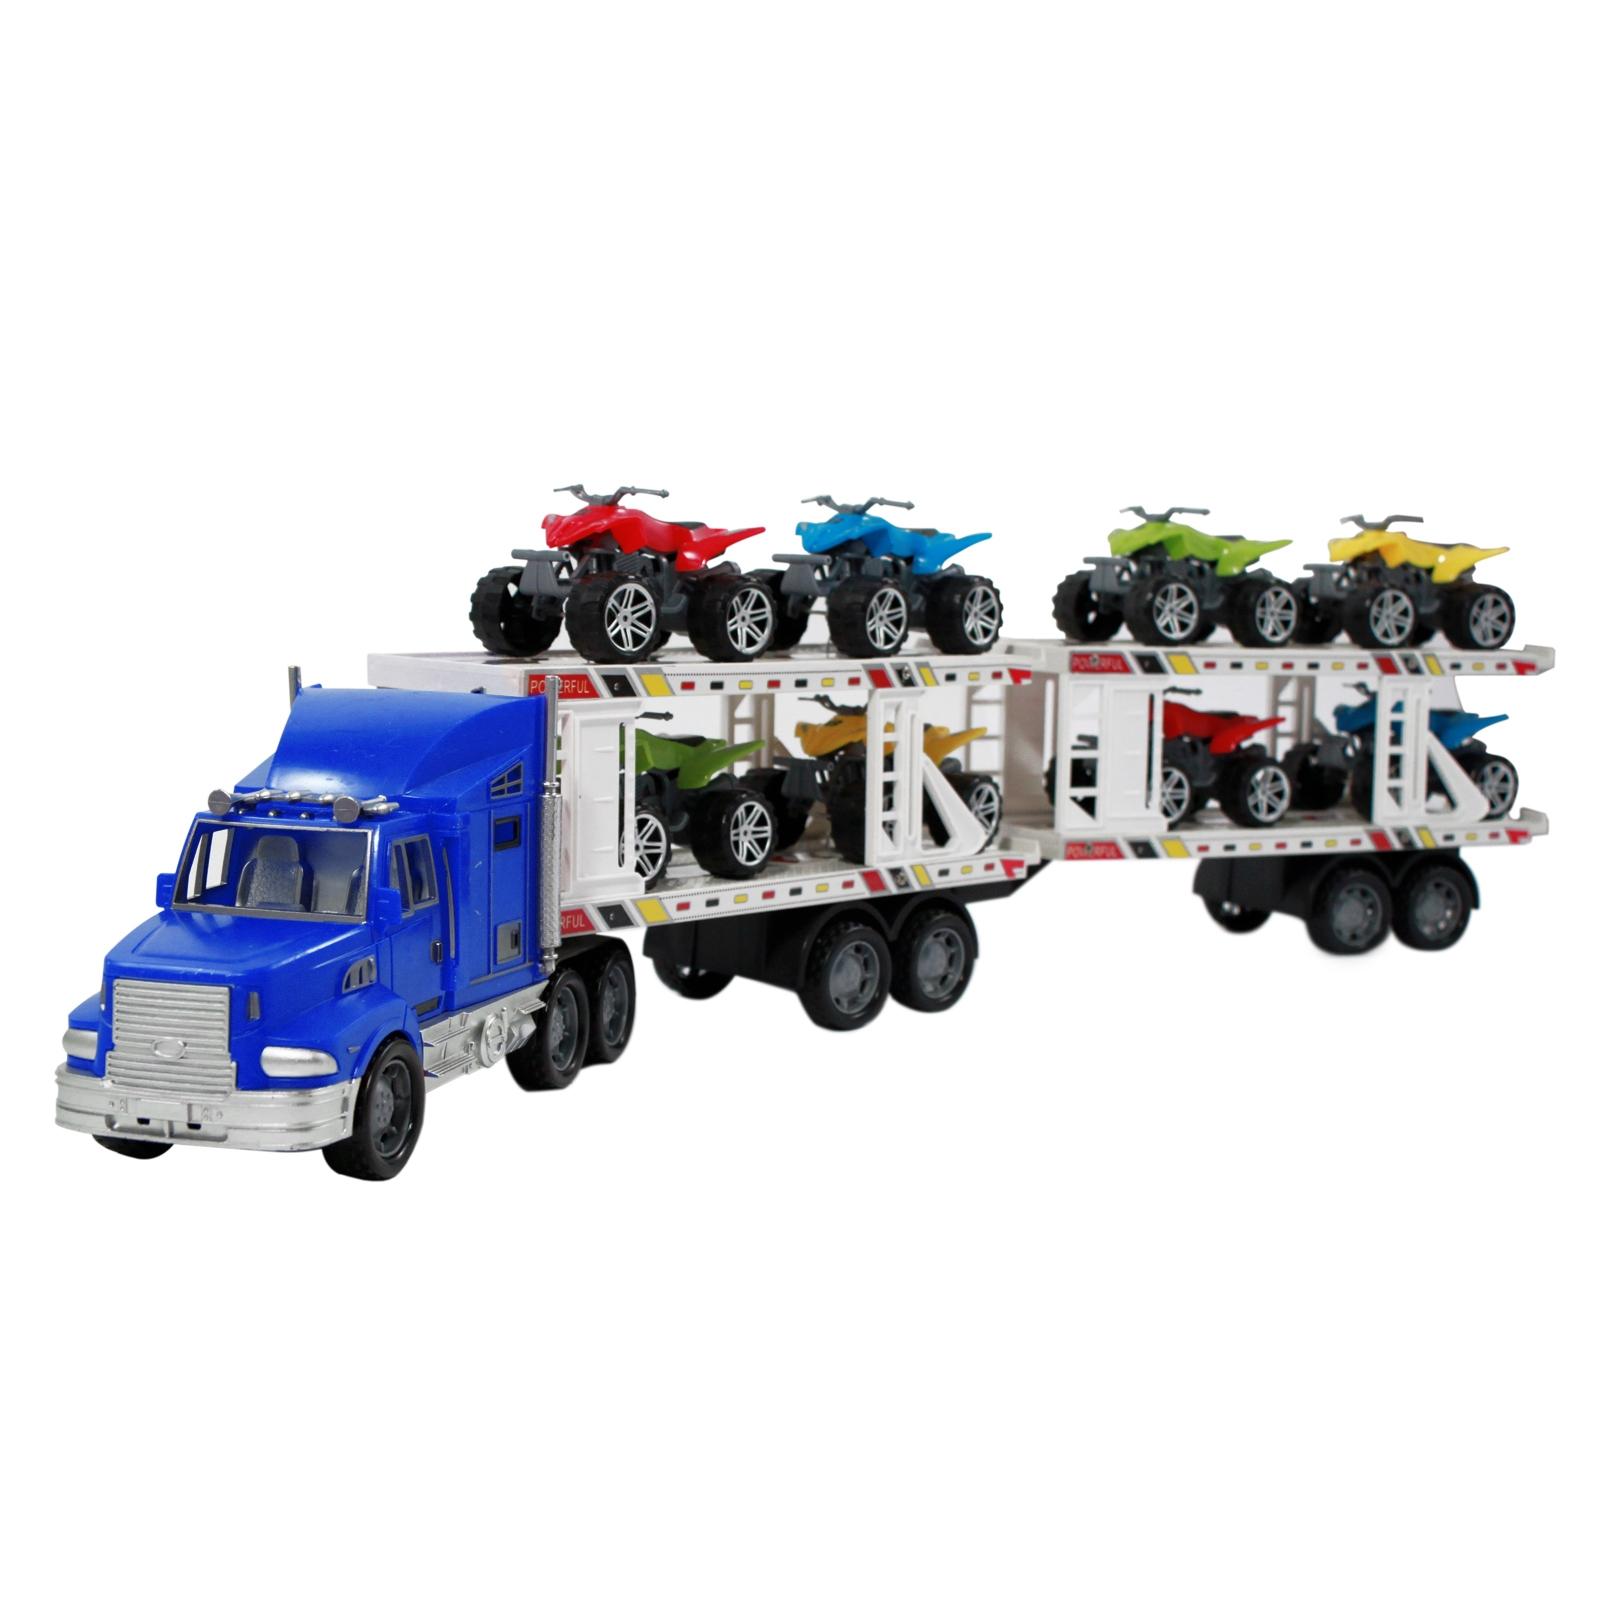 Deluxe blue realistic semi truck auto hauler